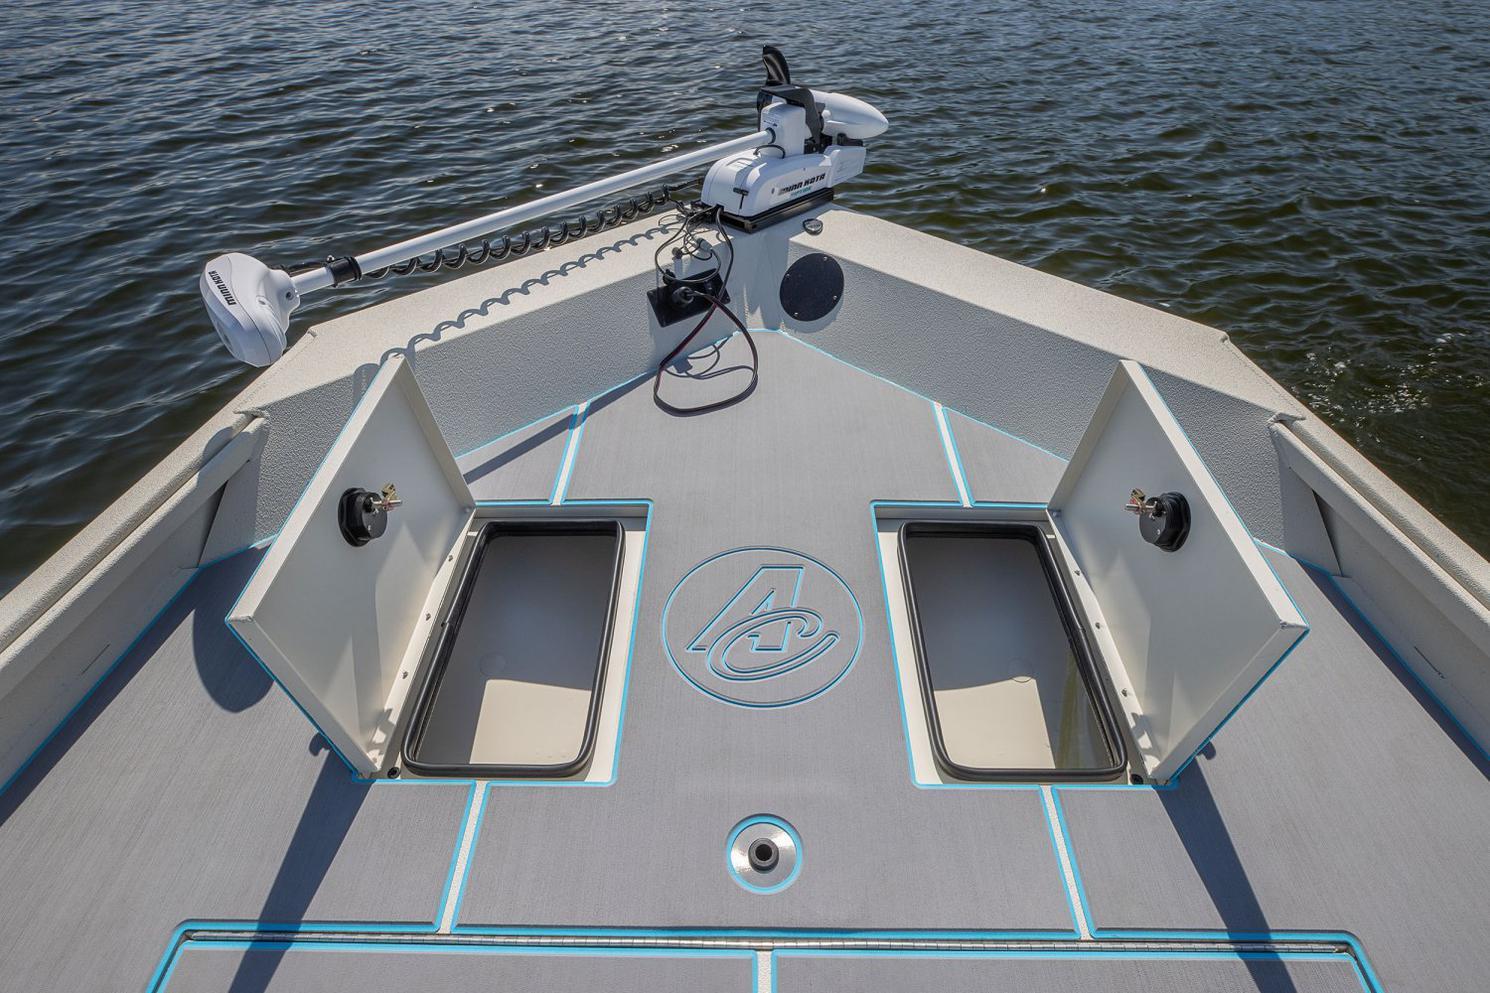 2022 Alumacraft boat for sale, model of the boat is Alumacraft 20 BAY & Image # 4 of 10